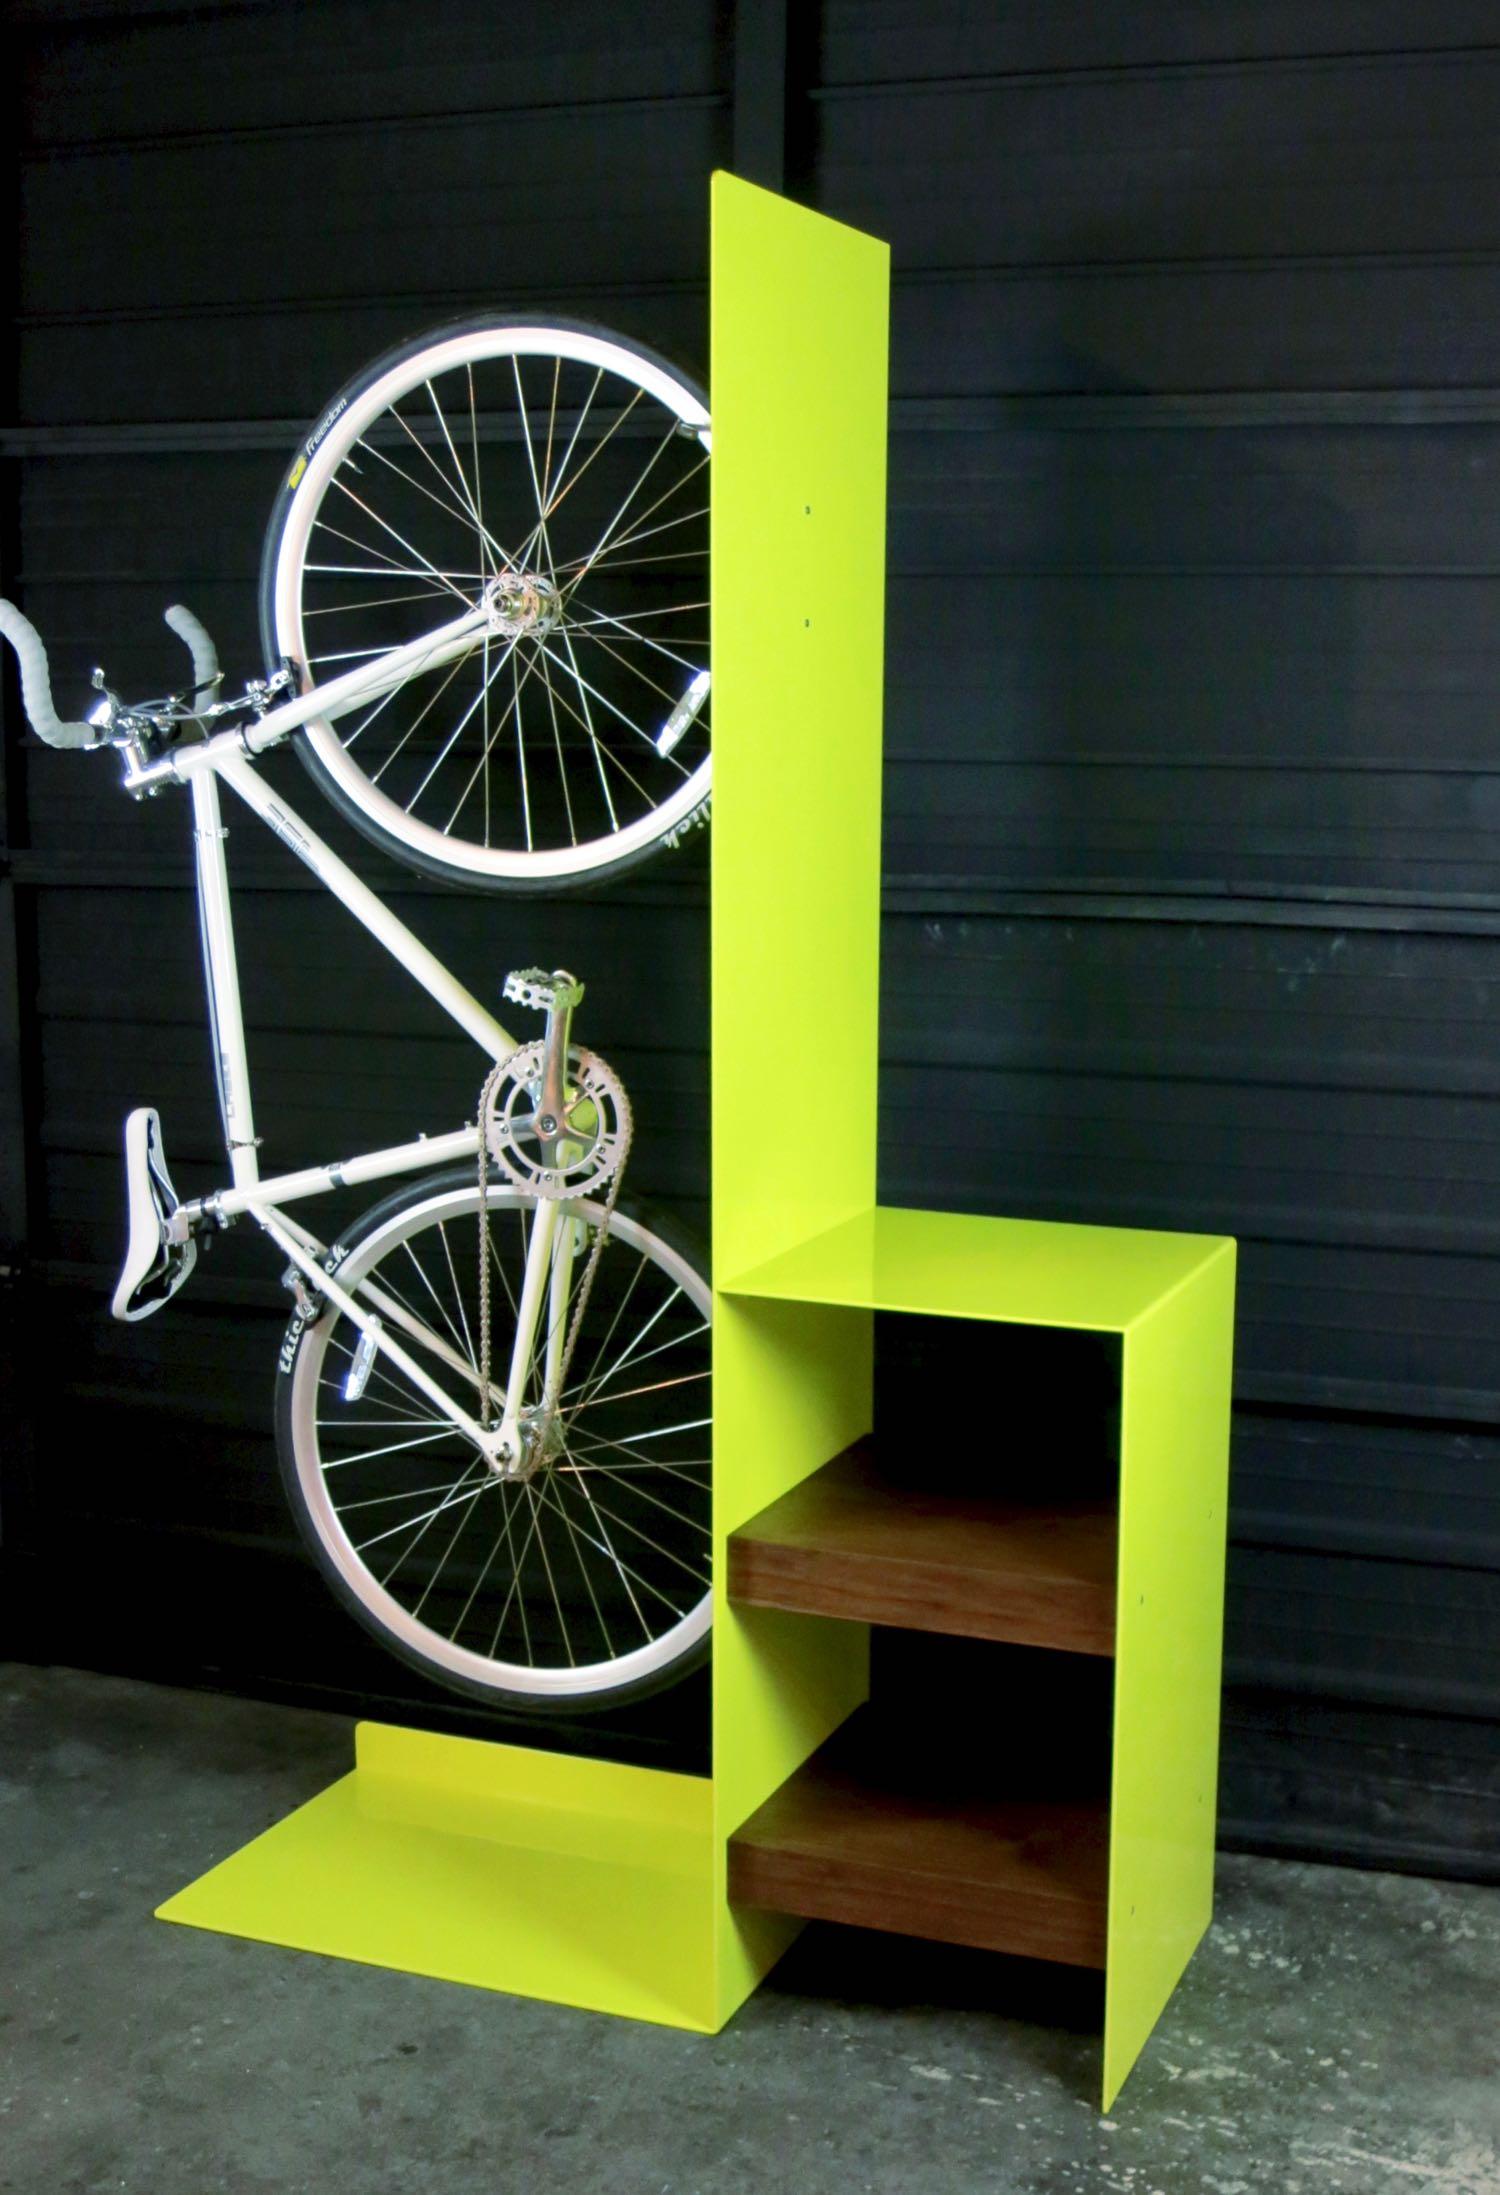 bikerack-4.jpg